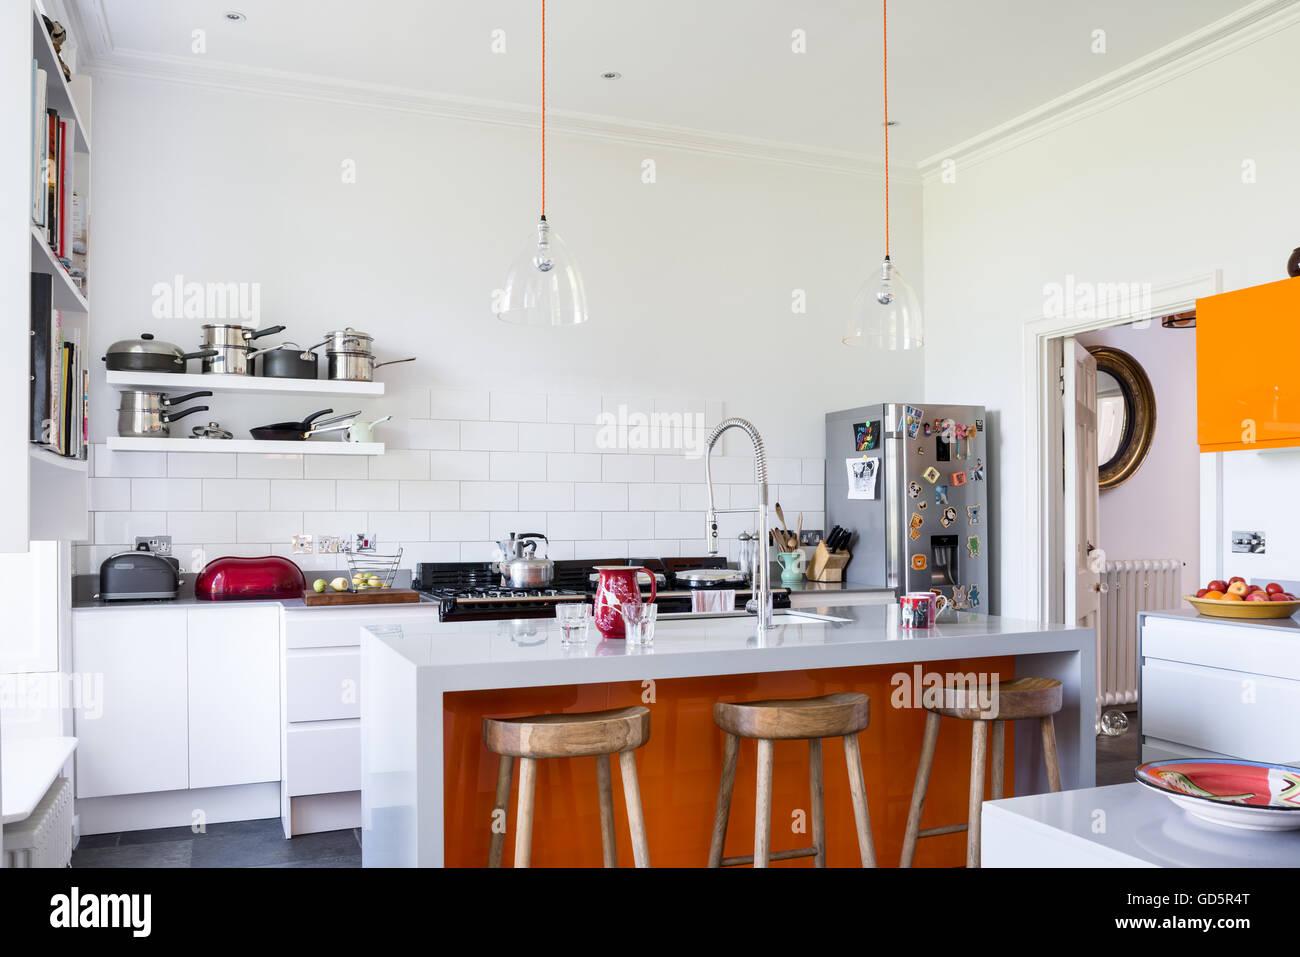 Tabourets de bar en bois aux hauts plafonds en cuisine avec carreaux de métro Blanche. Le dôme en verre Photo Stock